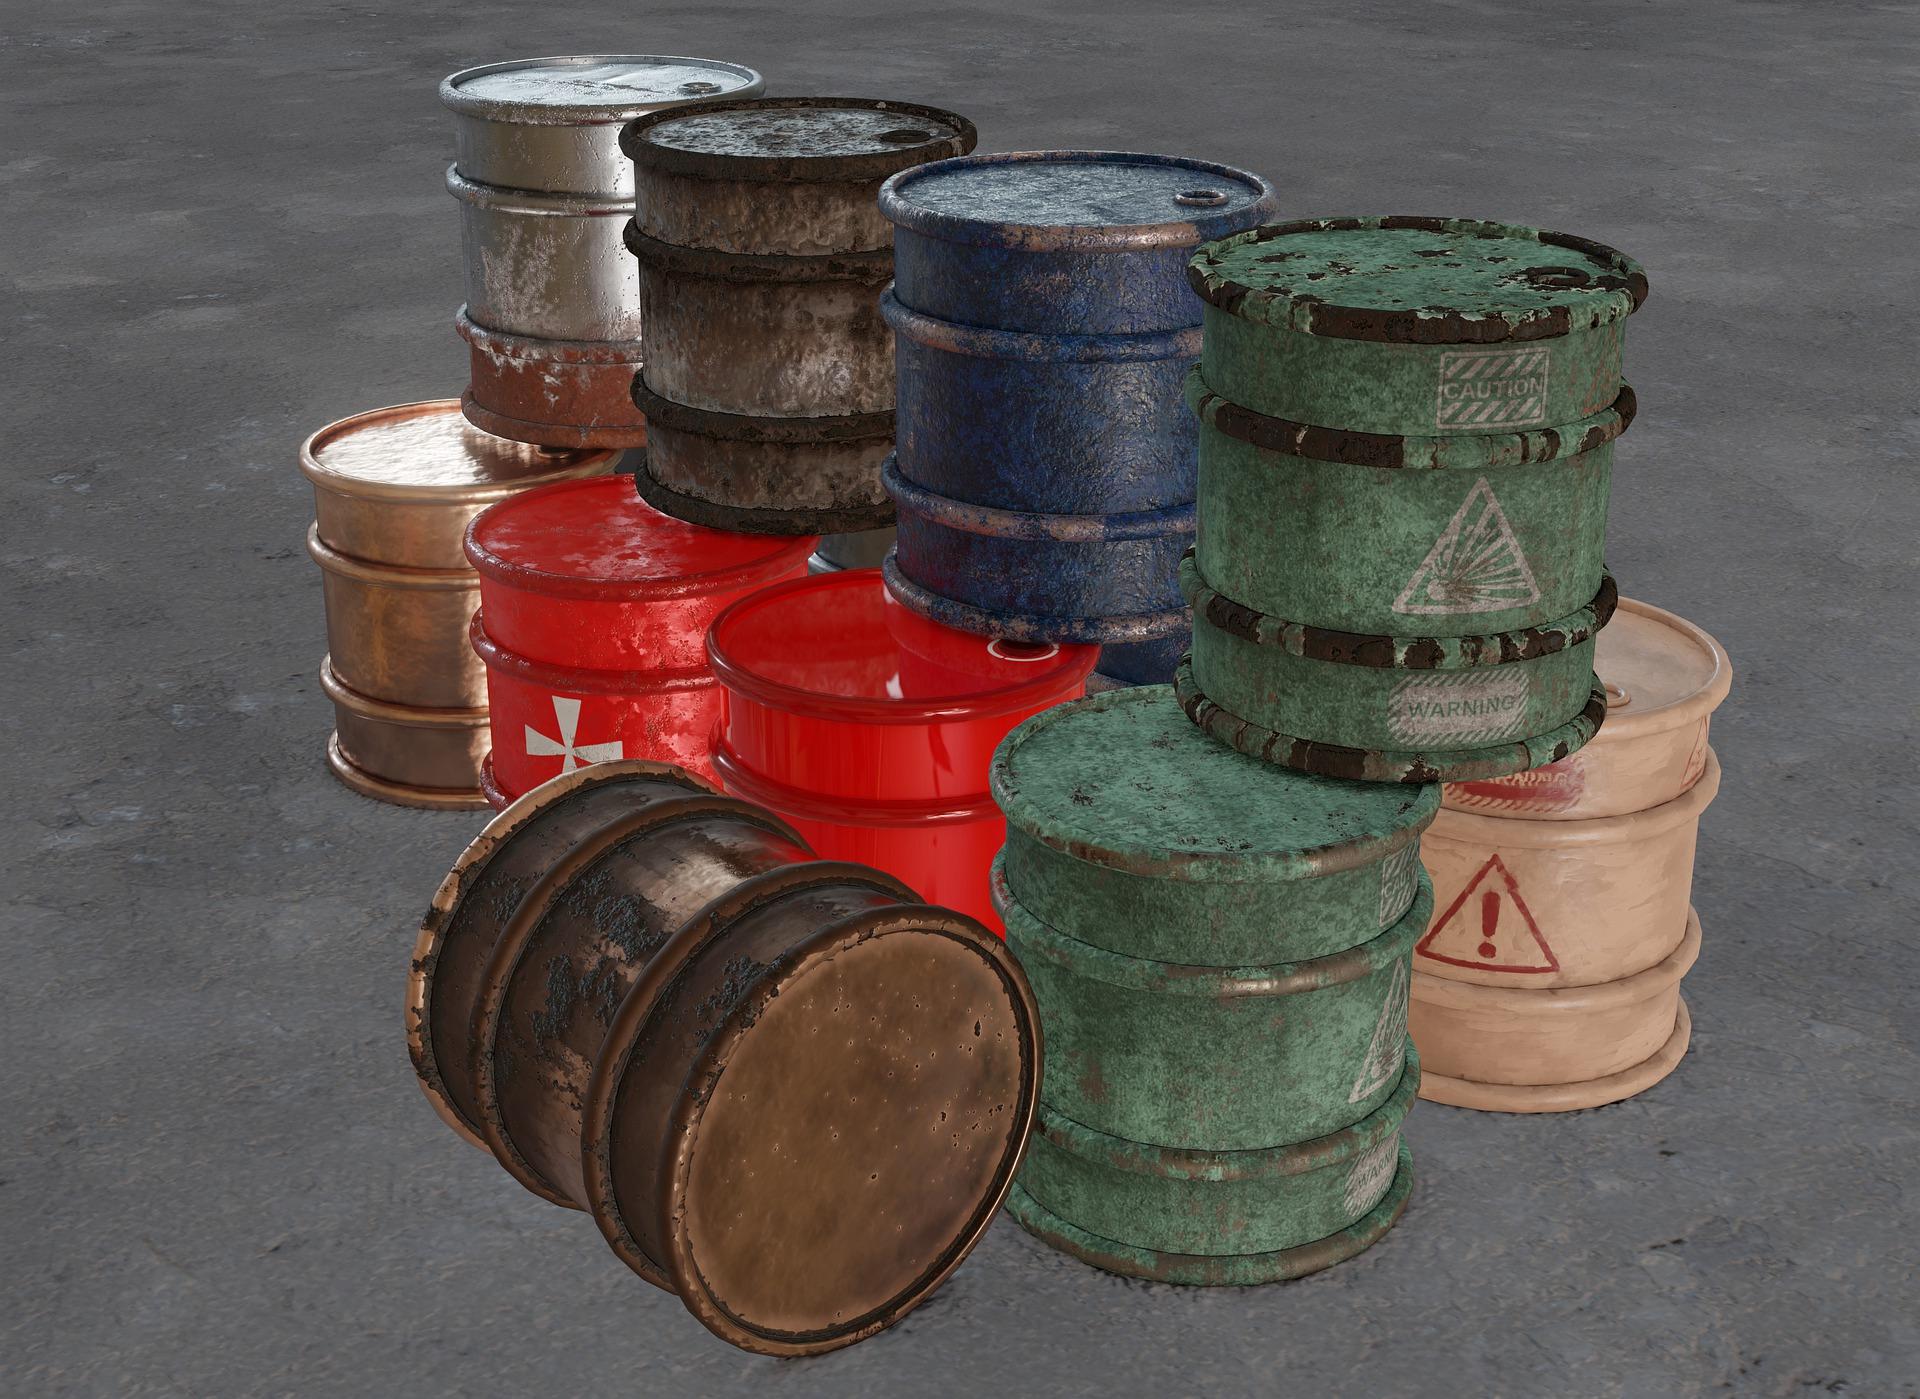 barrels-5989284_1920.jpg